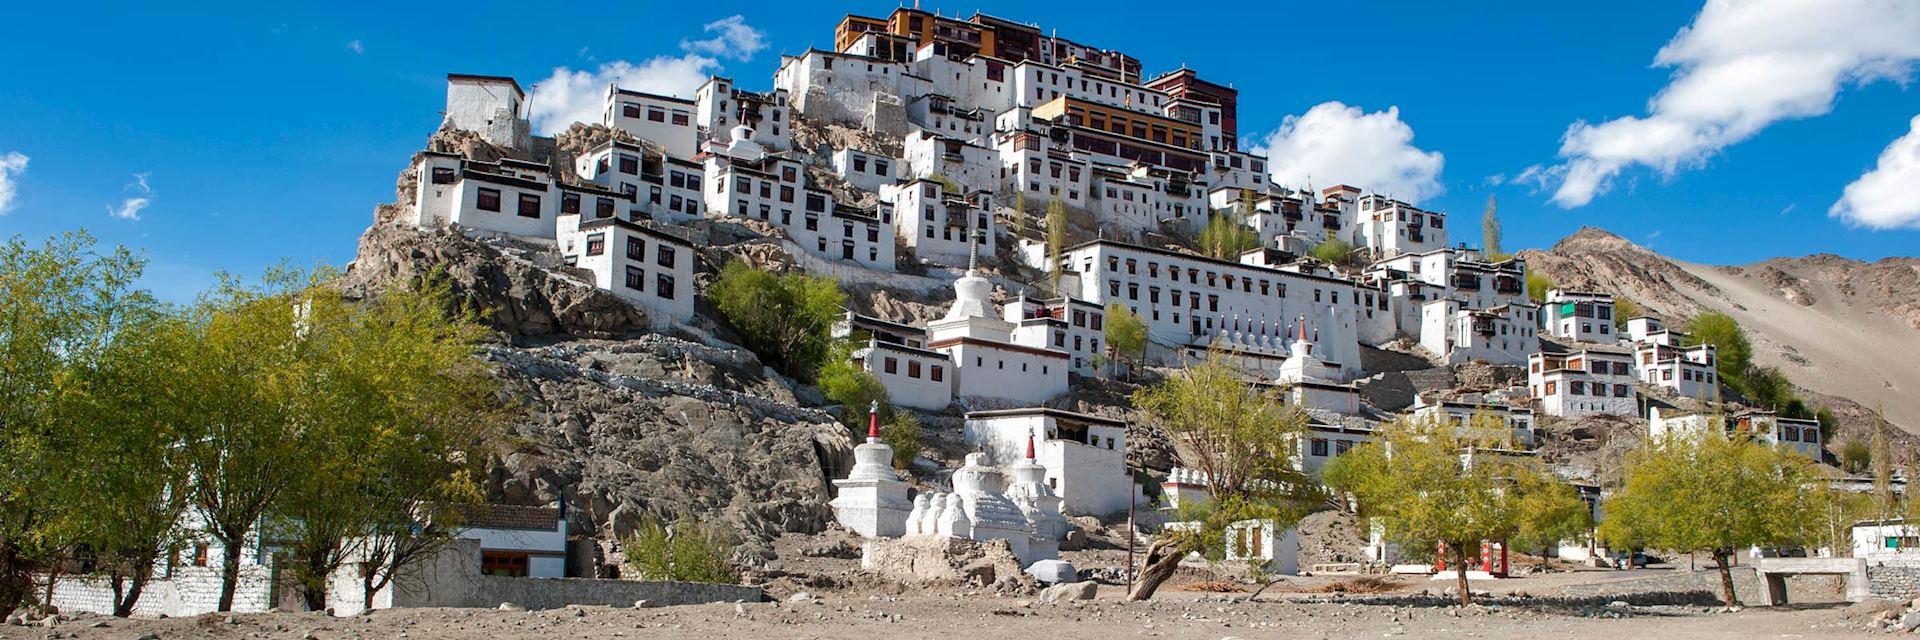 Thiske Monastery, Leh